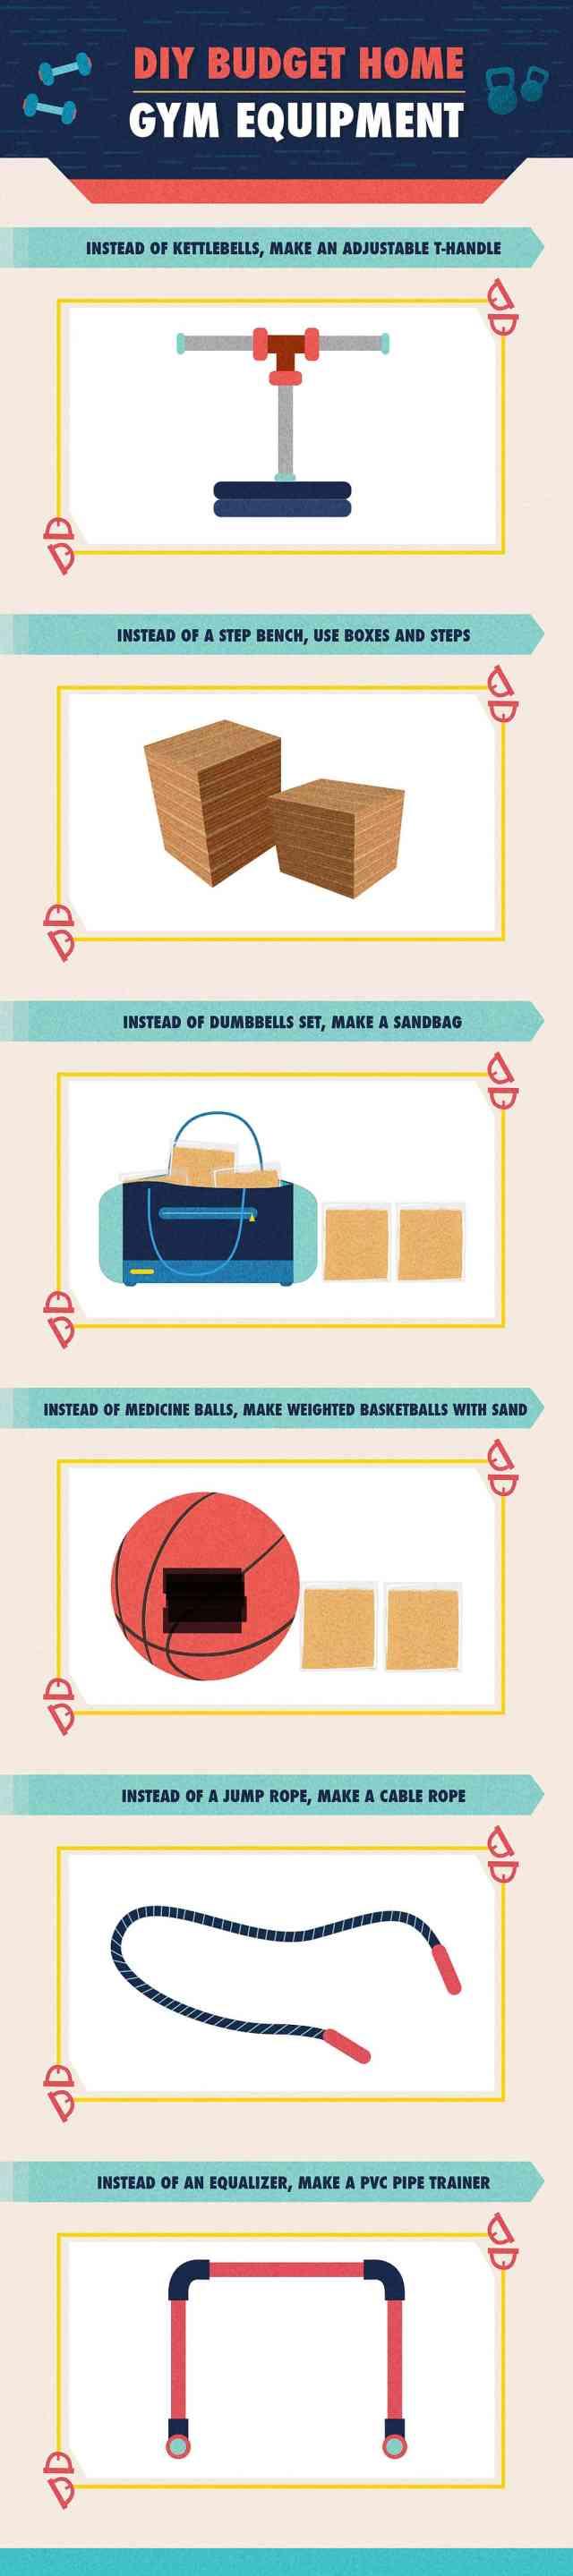 DIY Budget Home Gym Equipment